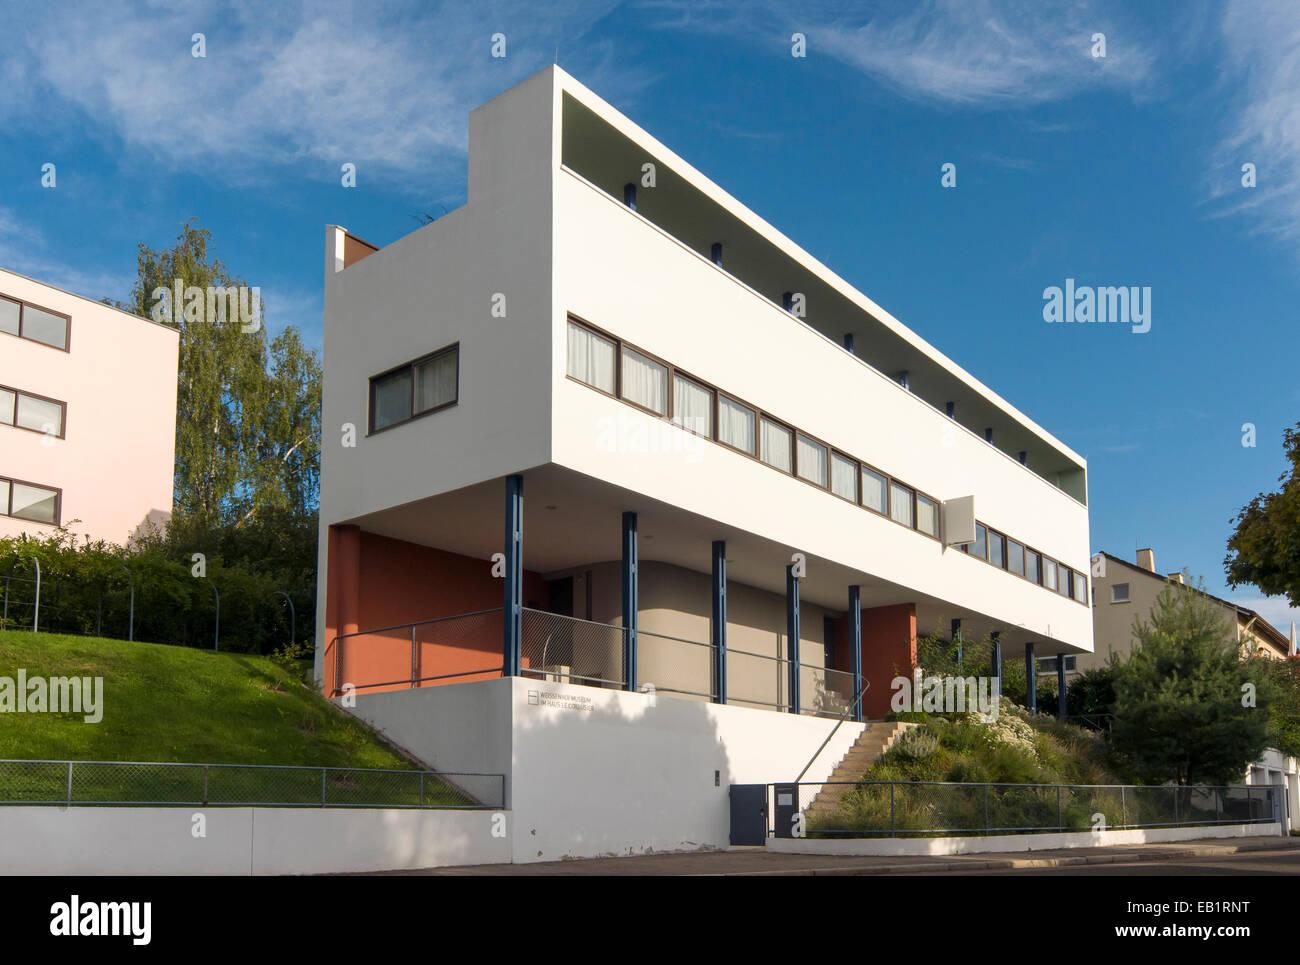 Haus le corbusier por los arquitectos le corbusier y pierre jeanneret museo weissenhofsiedlung - Arquitecto le corbusier ...